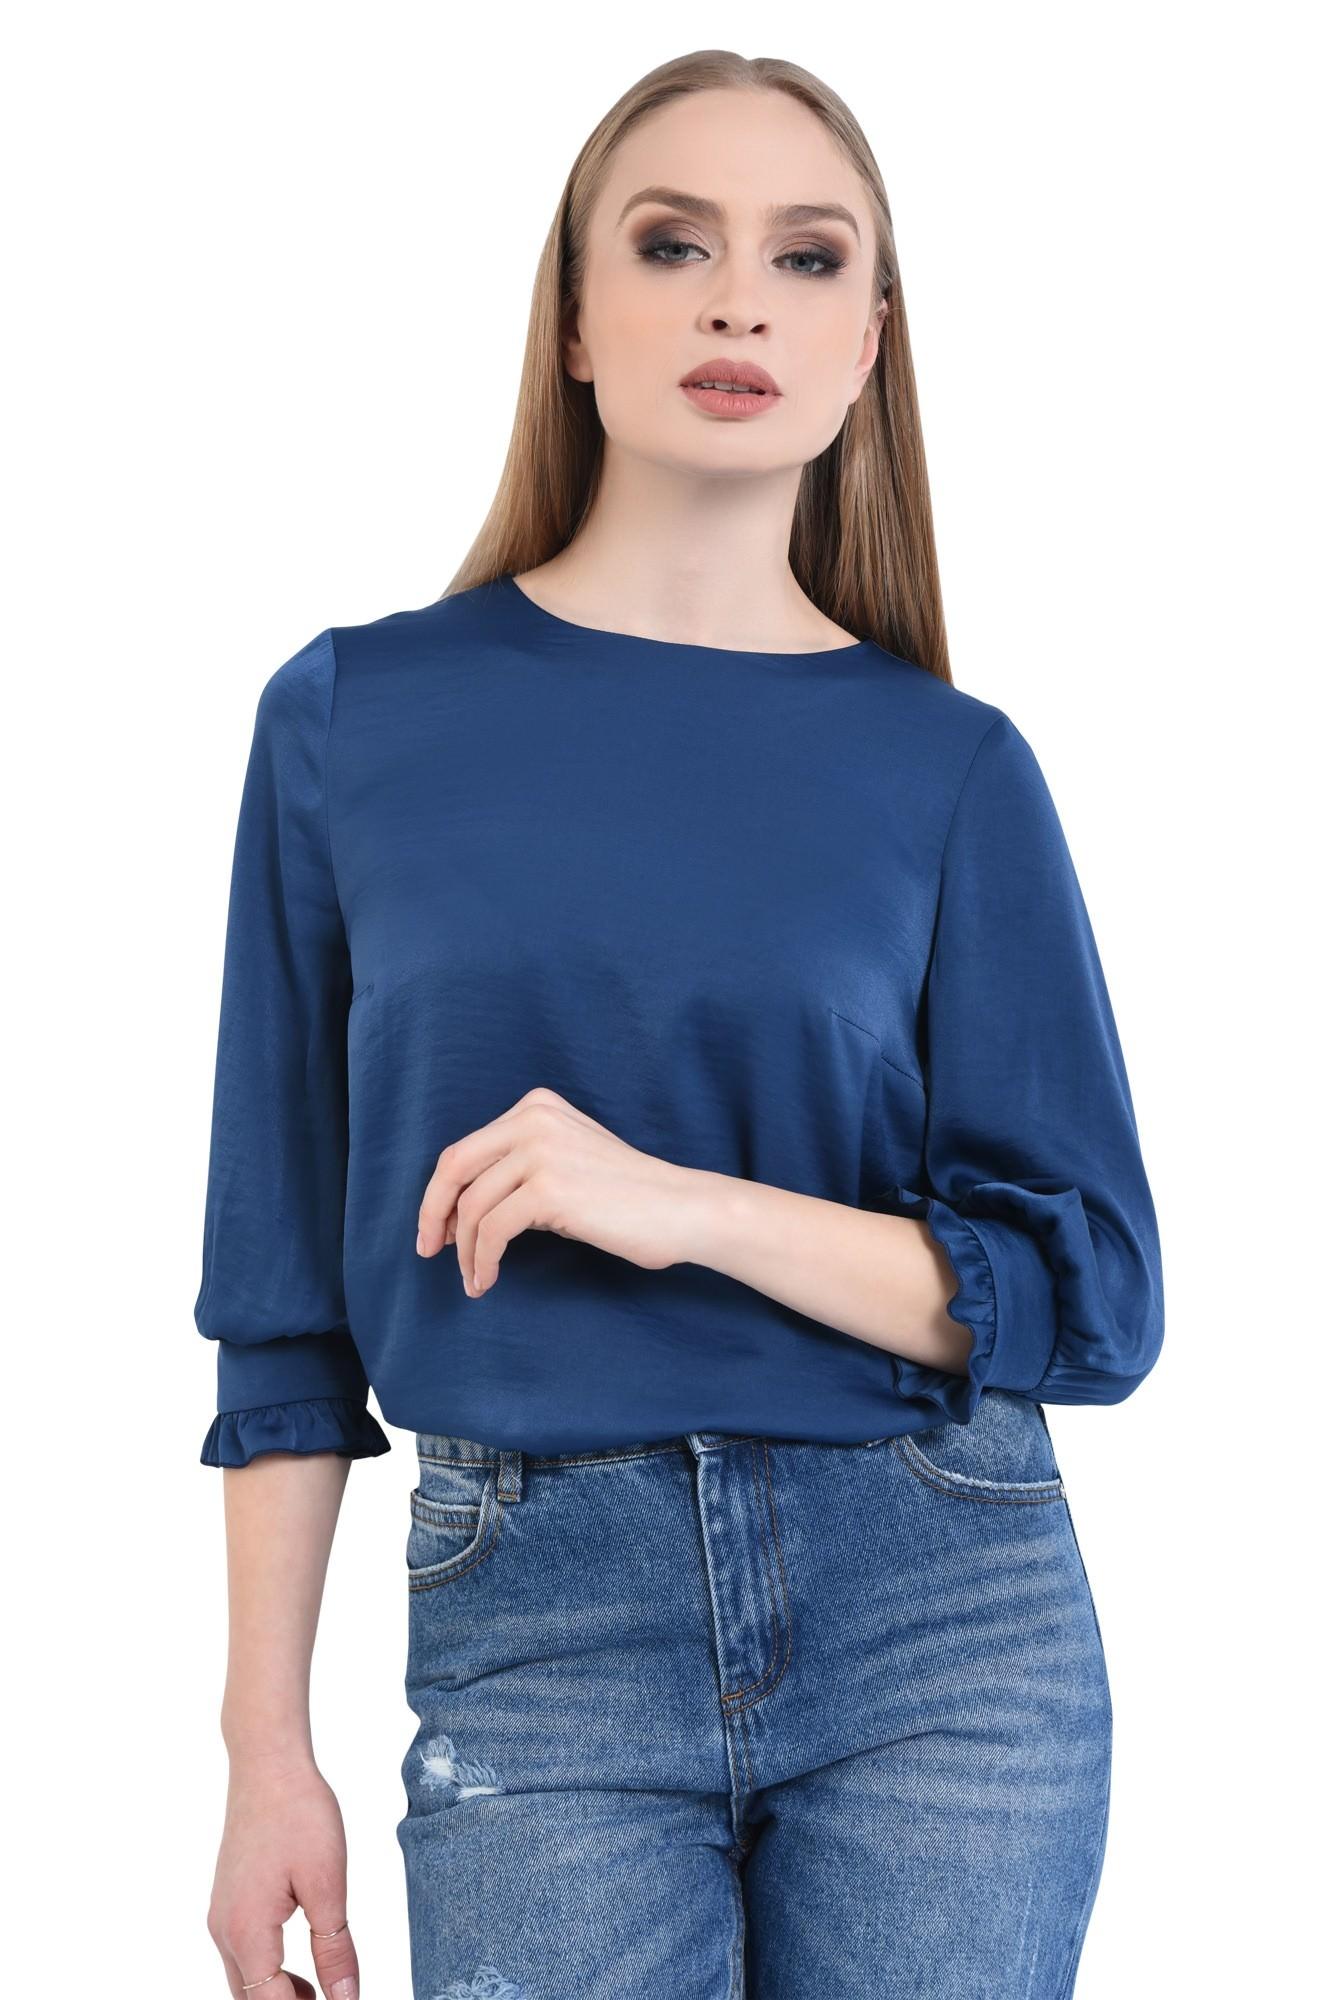 0 - Bluza casual, bleumarin, maneci bufante